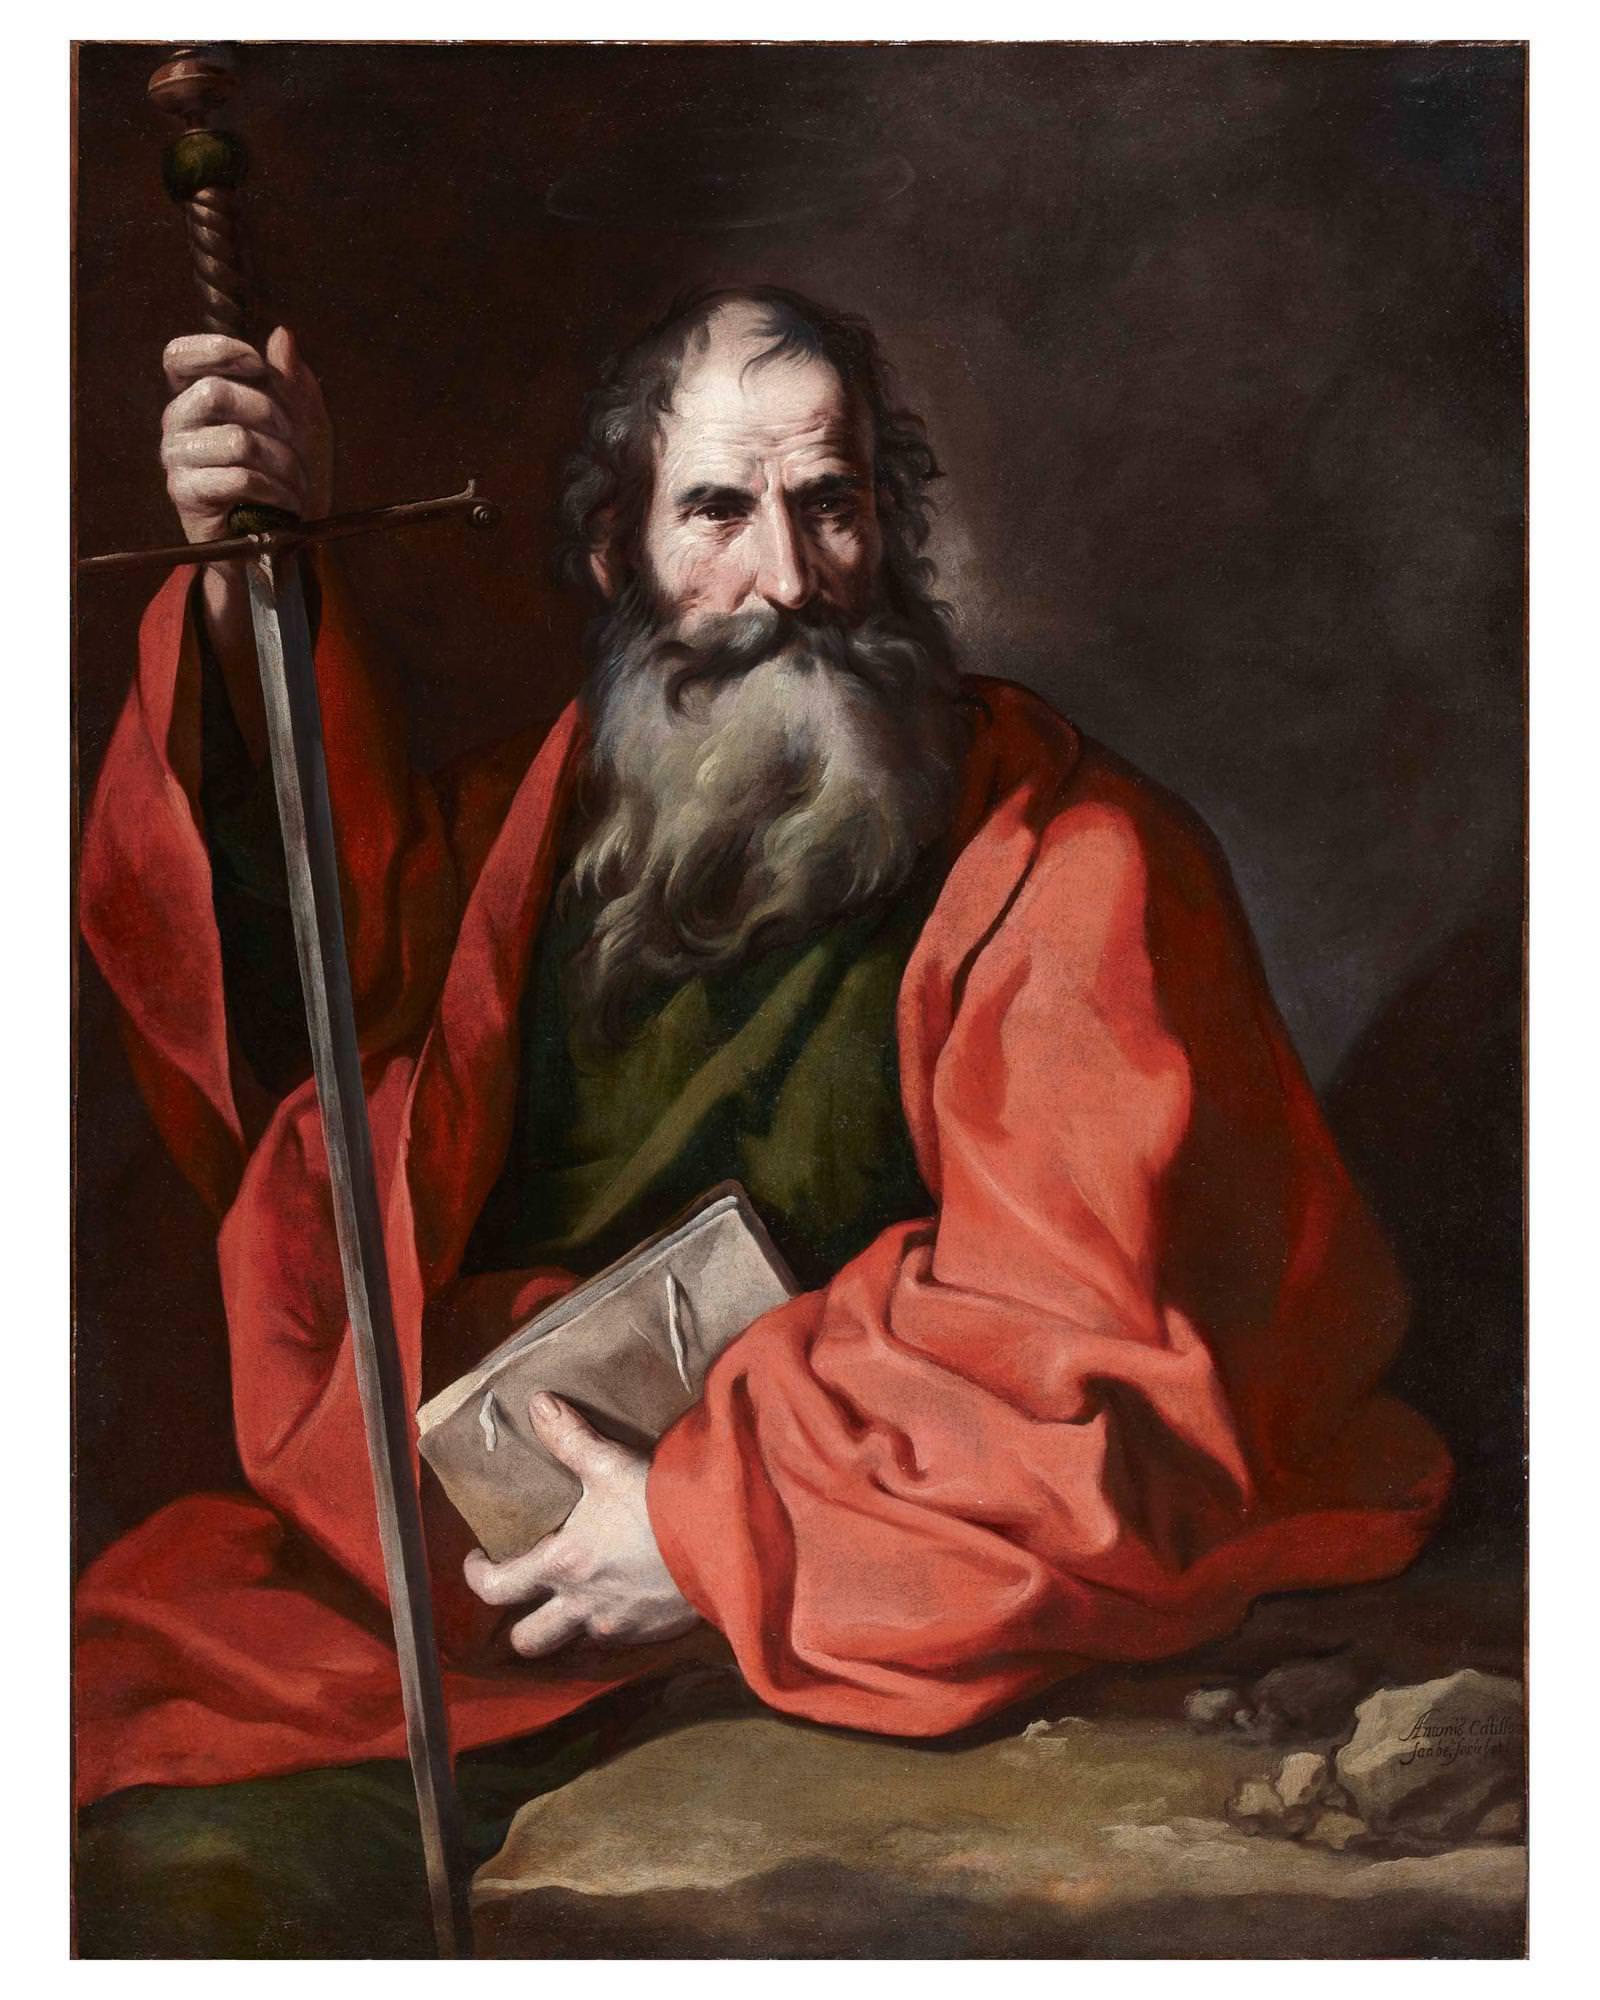 augustine pray praying prayer always without ceasing desire hope